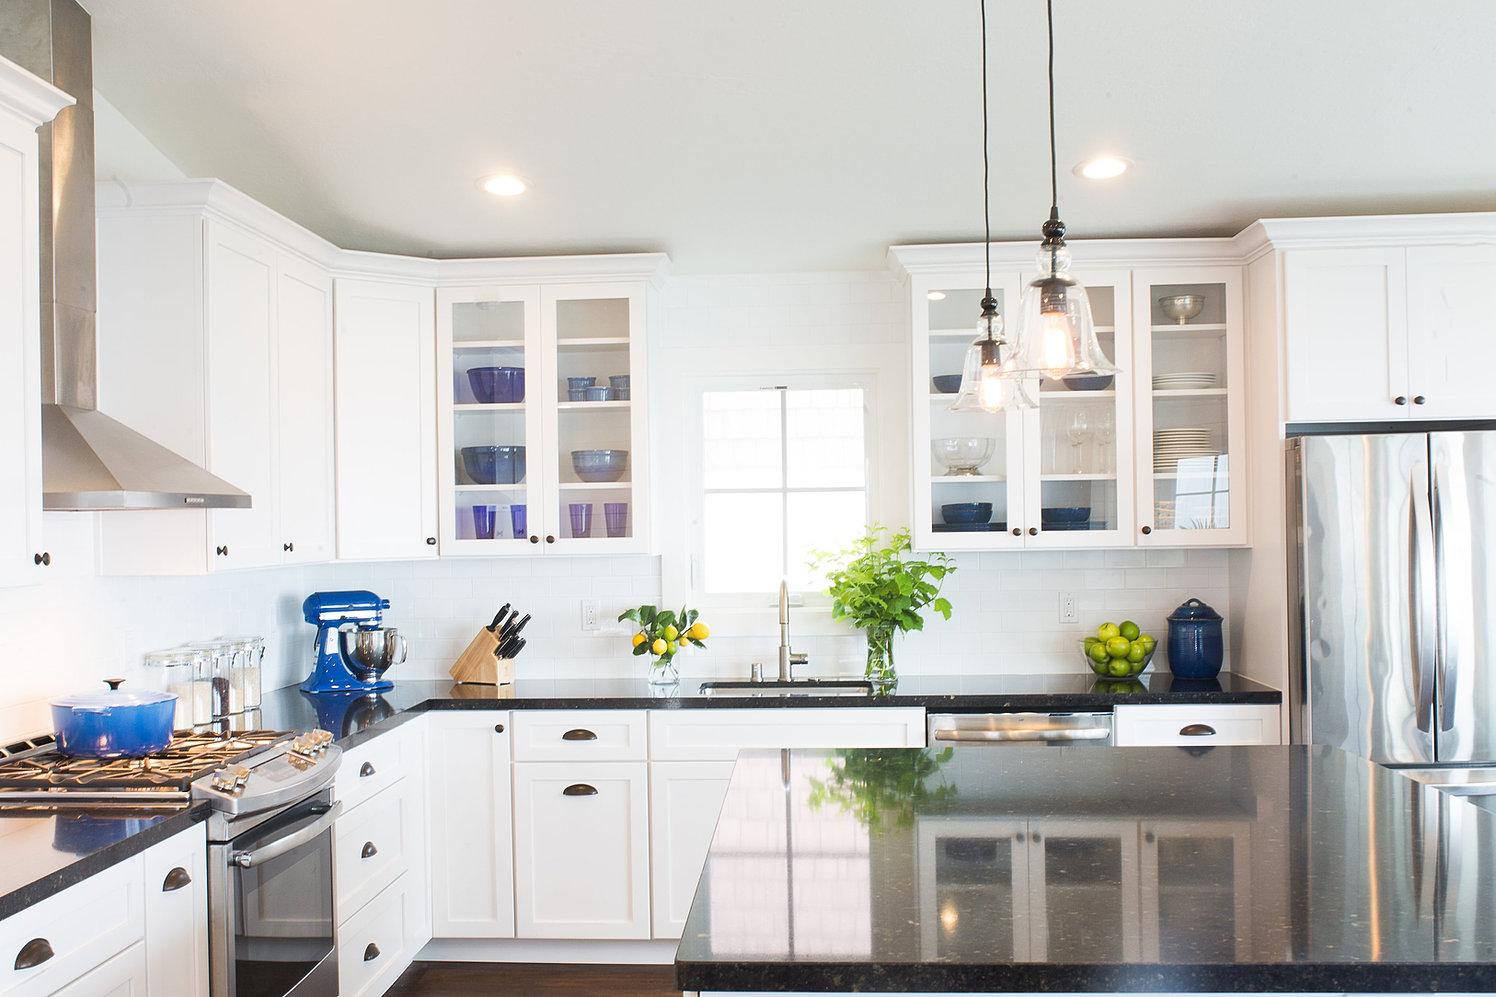 Kate Handel Design: Kitchen & Bathroom Design, Home Renovation Design